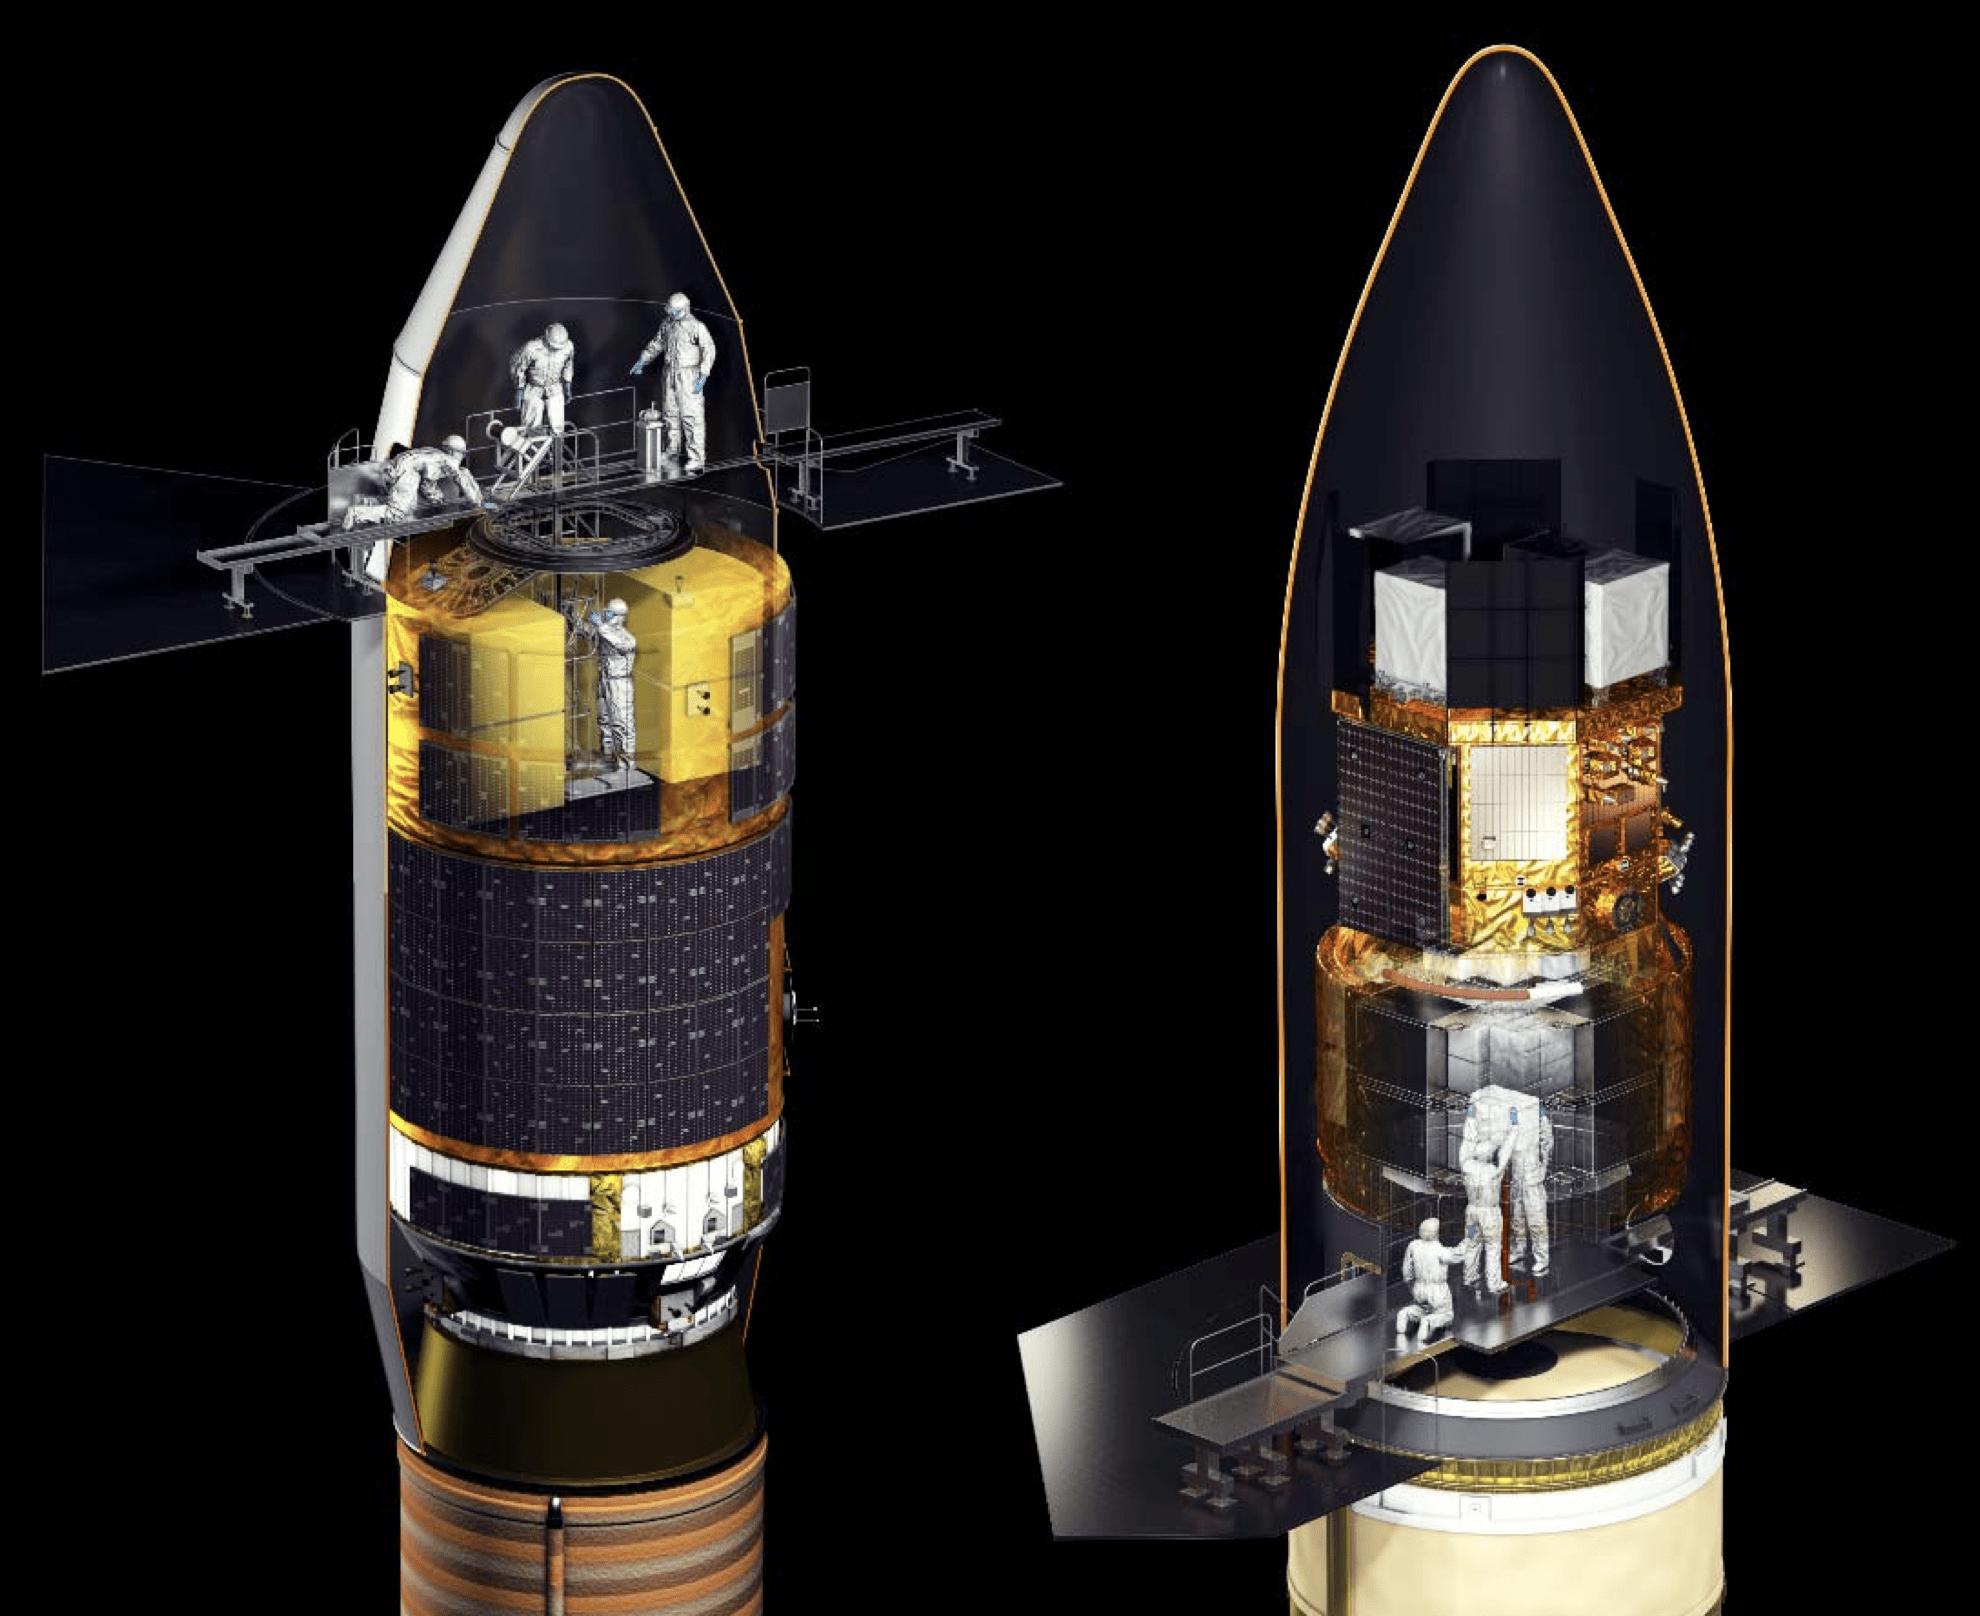 A sinistra l'accesso alla capsula HTV-II a bordo del vettore HII. A destra l'accesso alla capsula HTV-X nel fairing del lanciatore H3. Credits: JAXA.